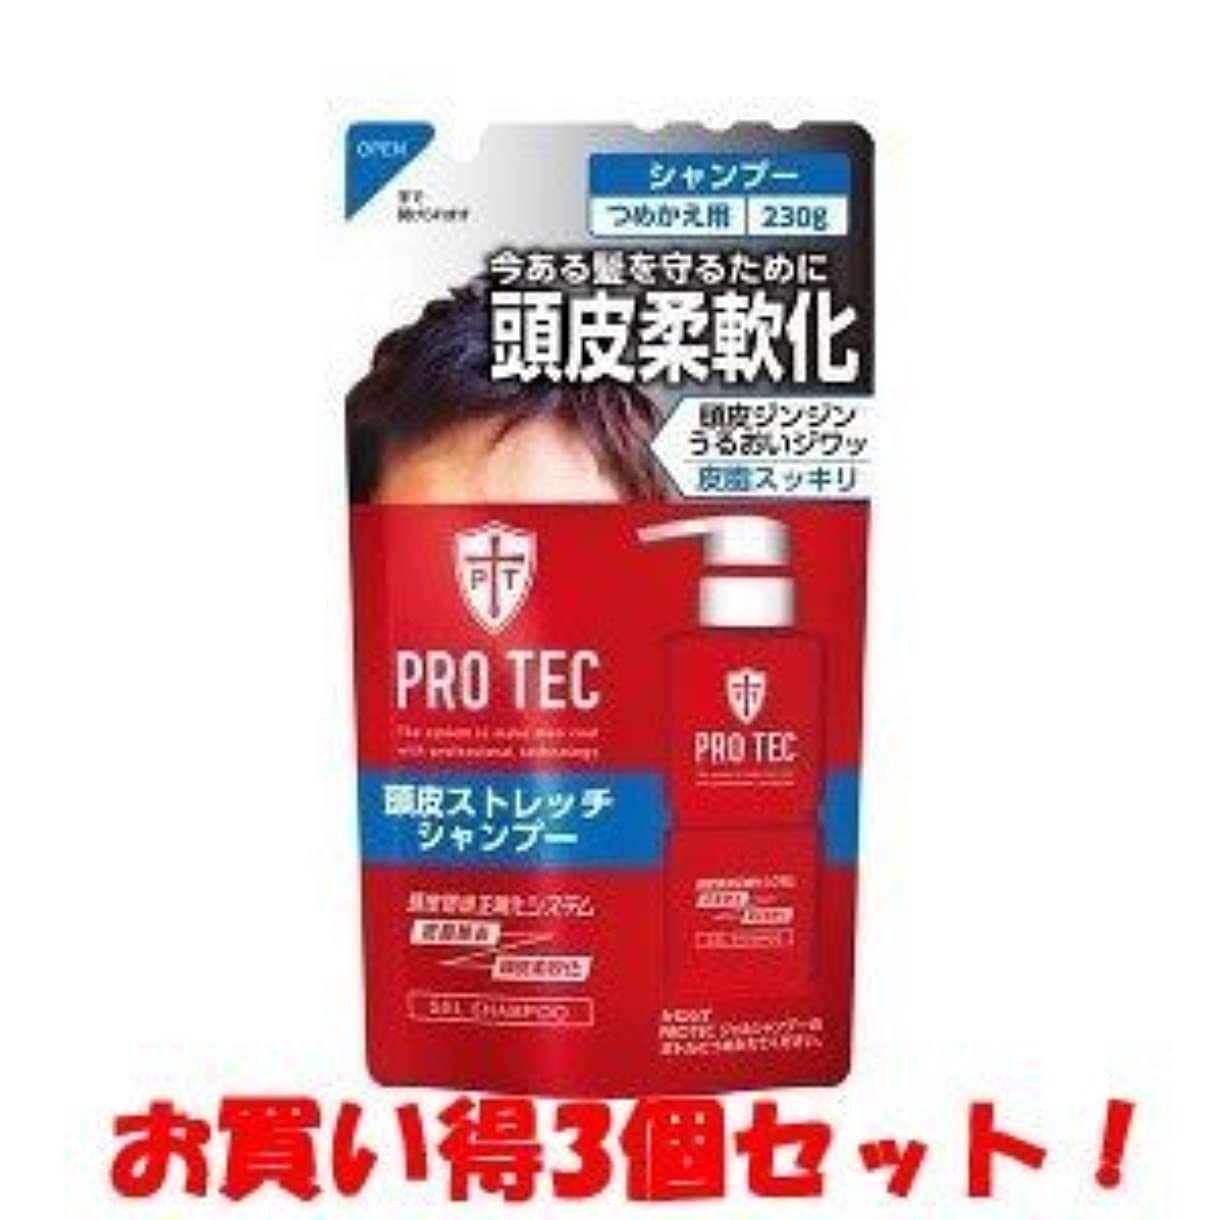 偶然の接触連帯(ライオン)PRO TEC(プロテク) 頭皮ストレッチ シャンプー つめかえ用 230g(医薬部外品)(お買い得3個セット)